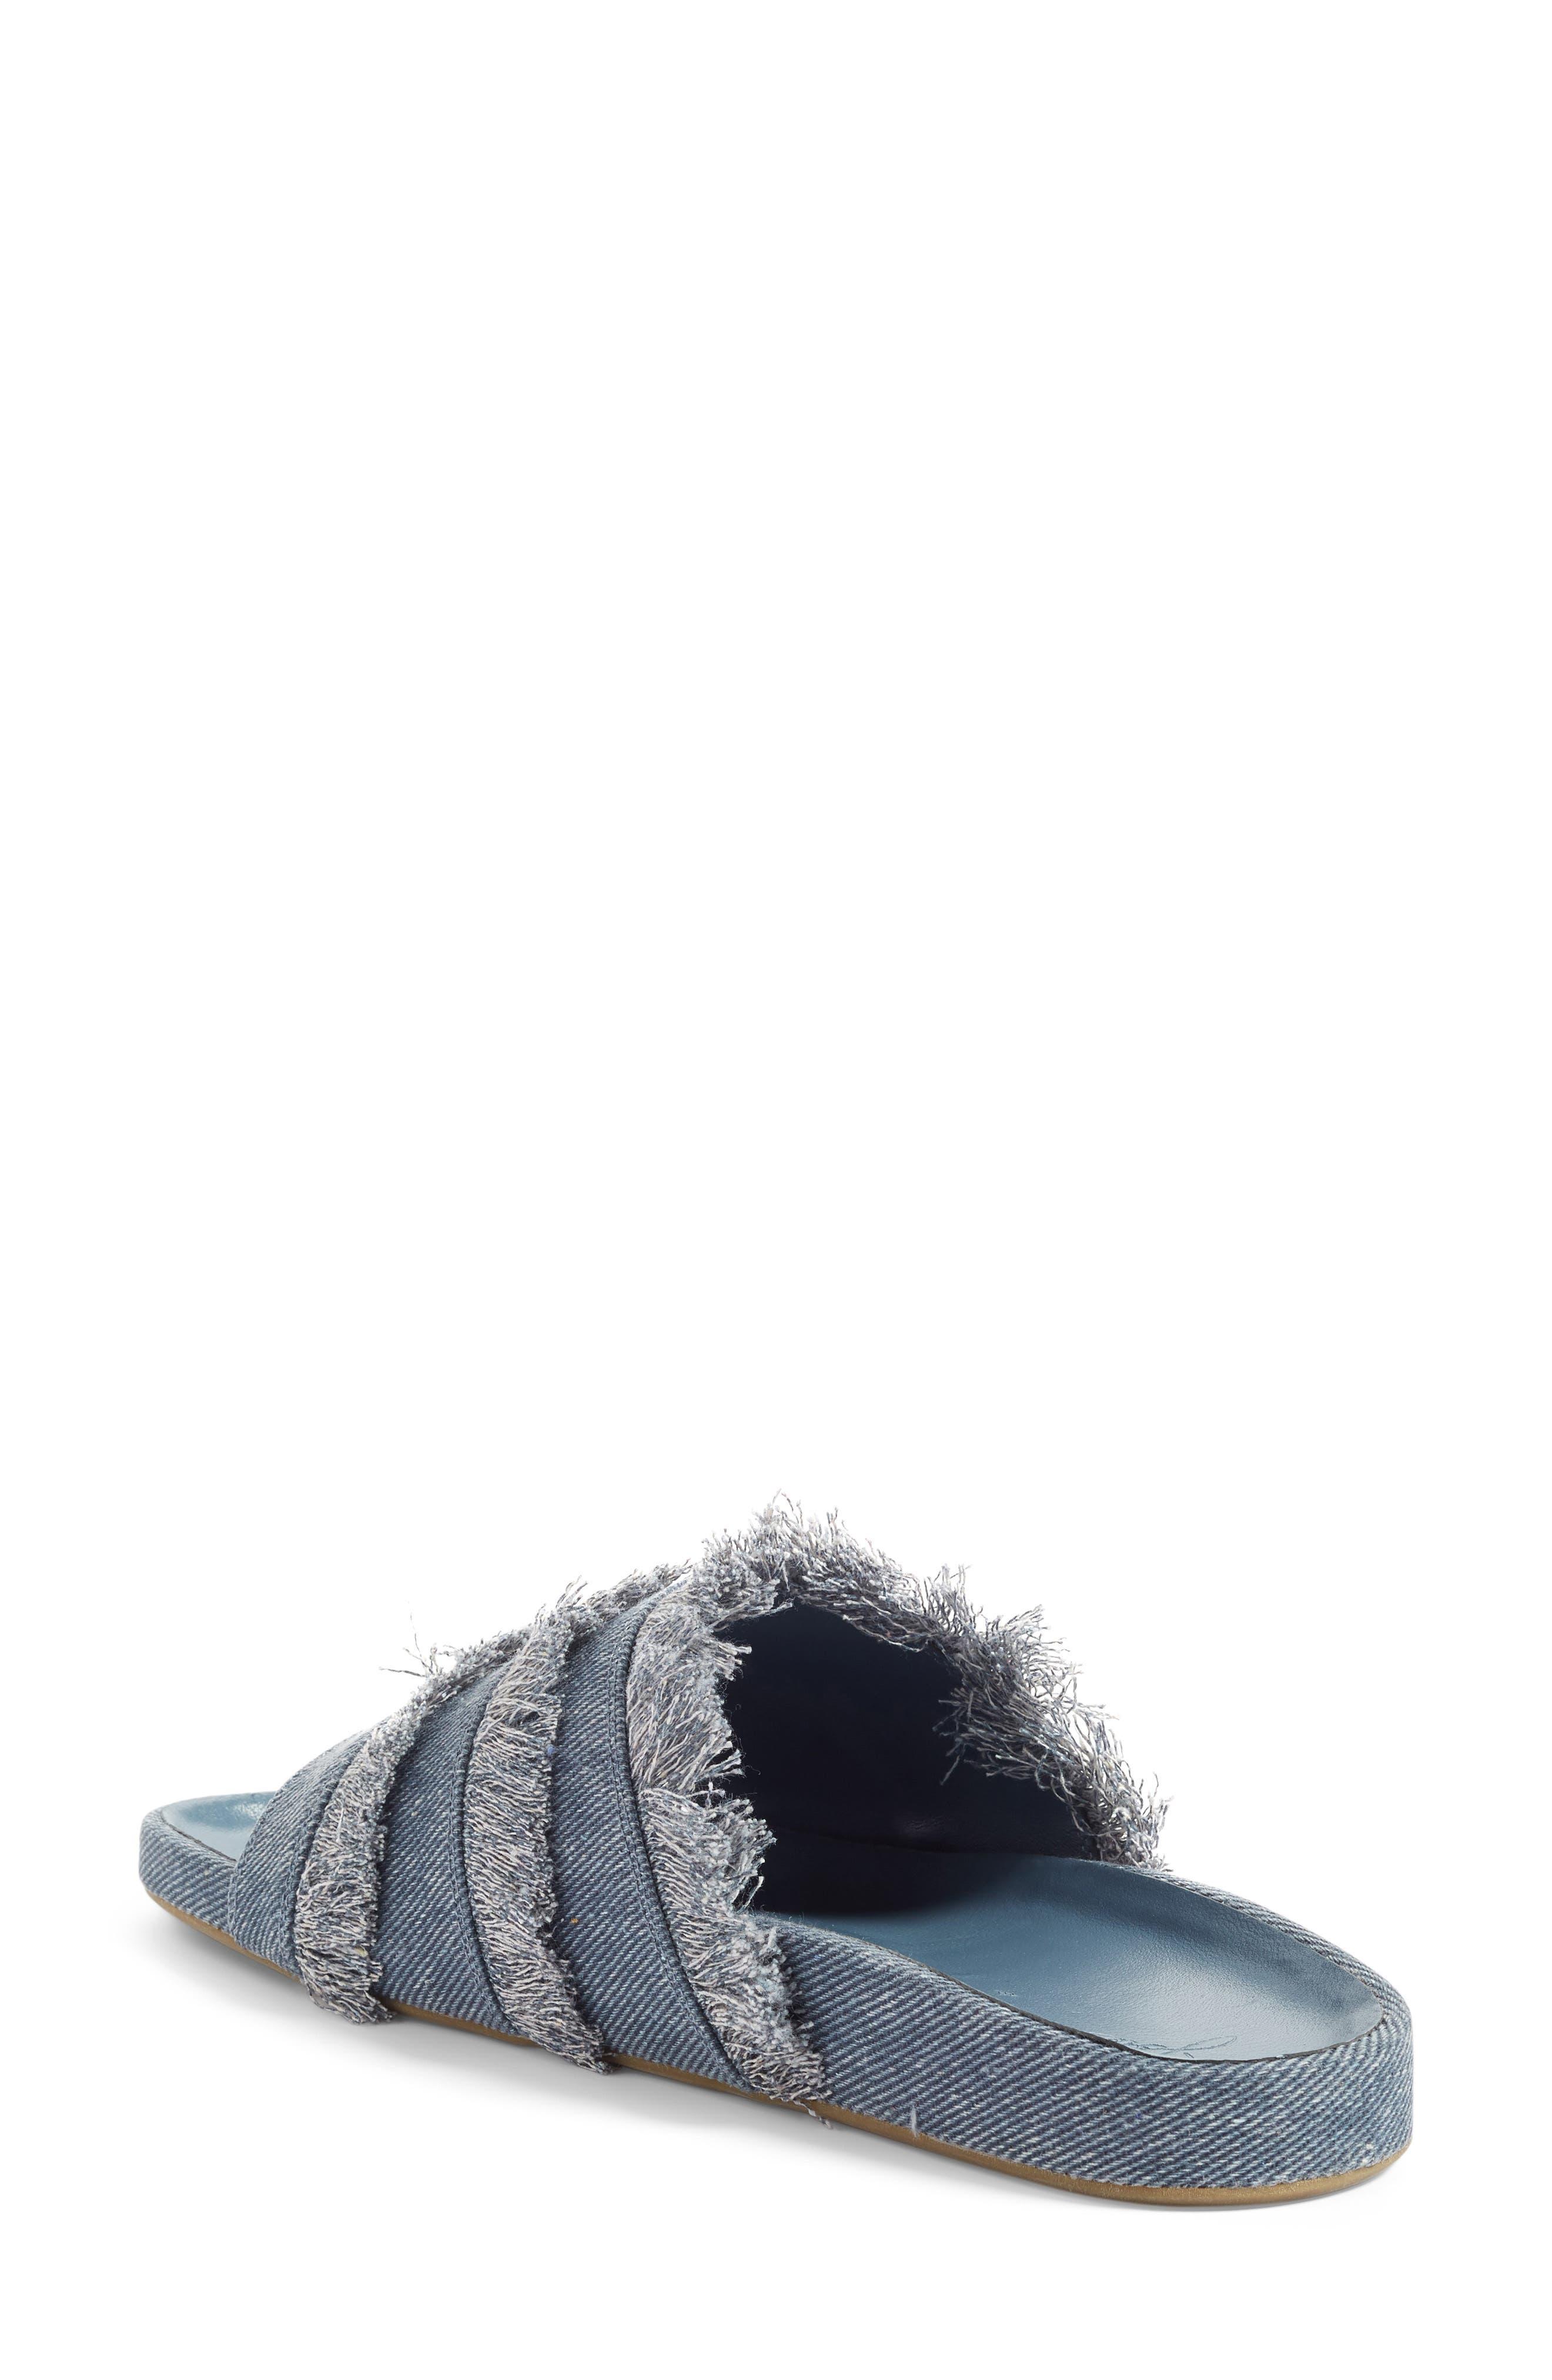 Alternate Image 2  - Joie Jaden Slide Sandal (Women)